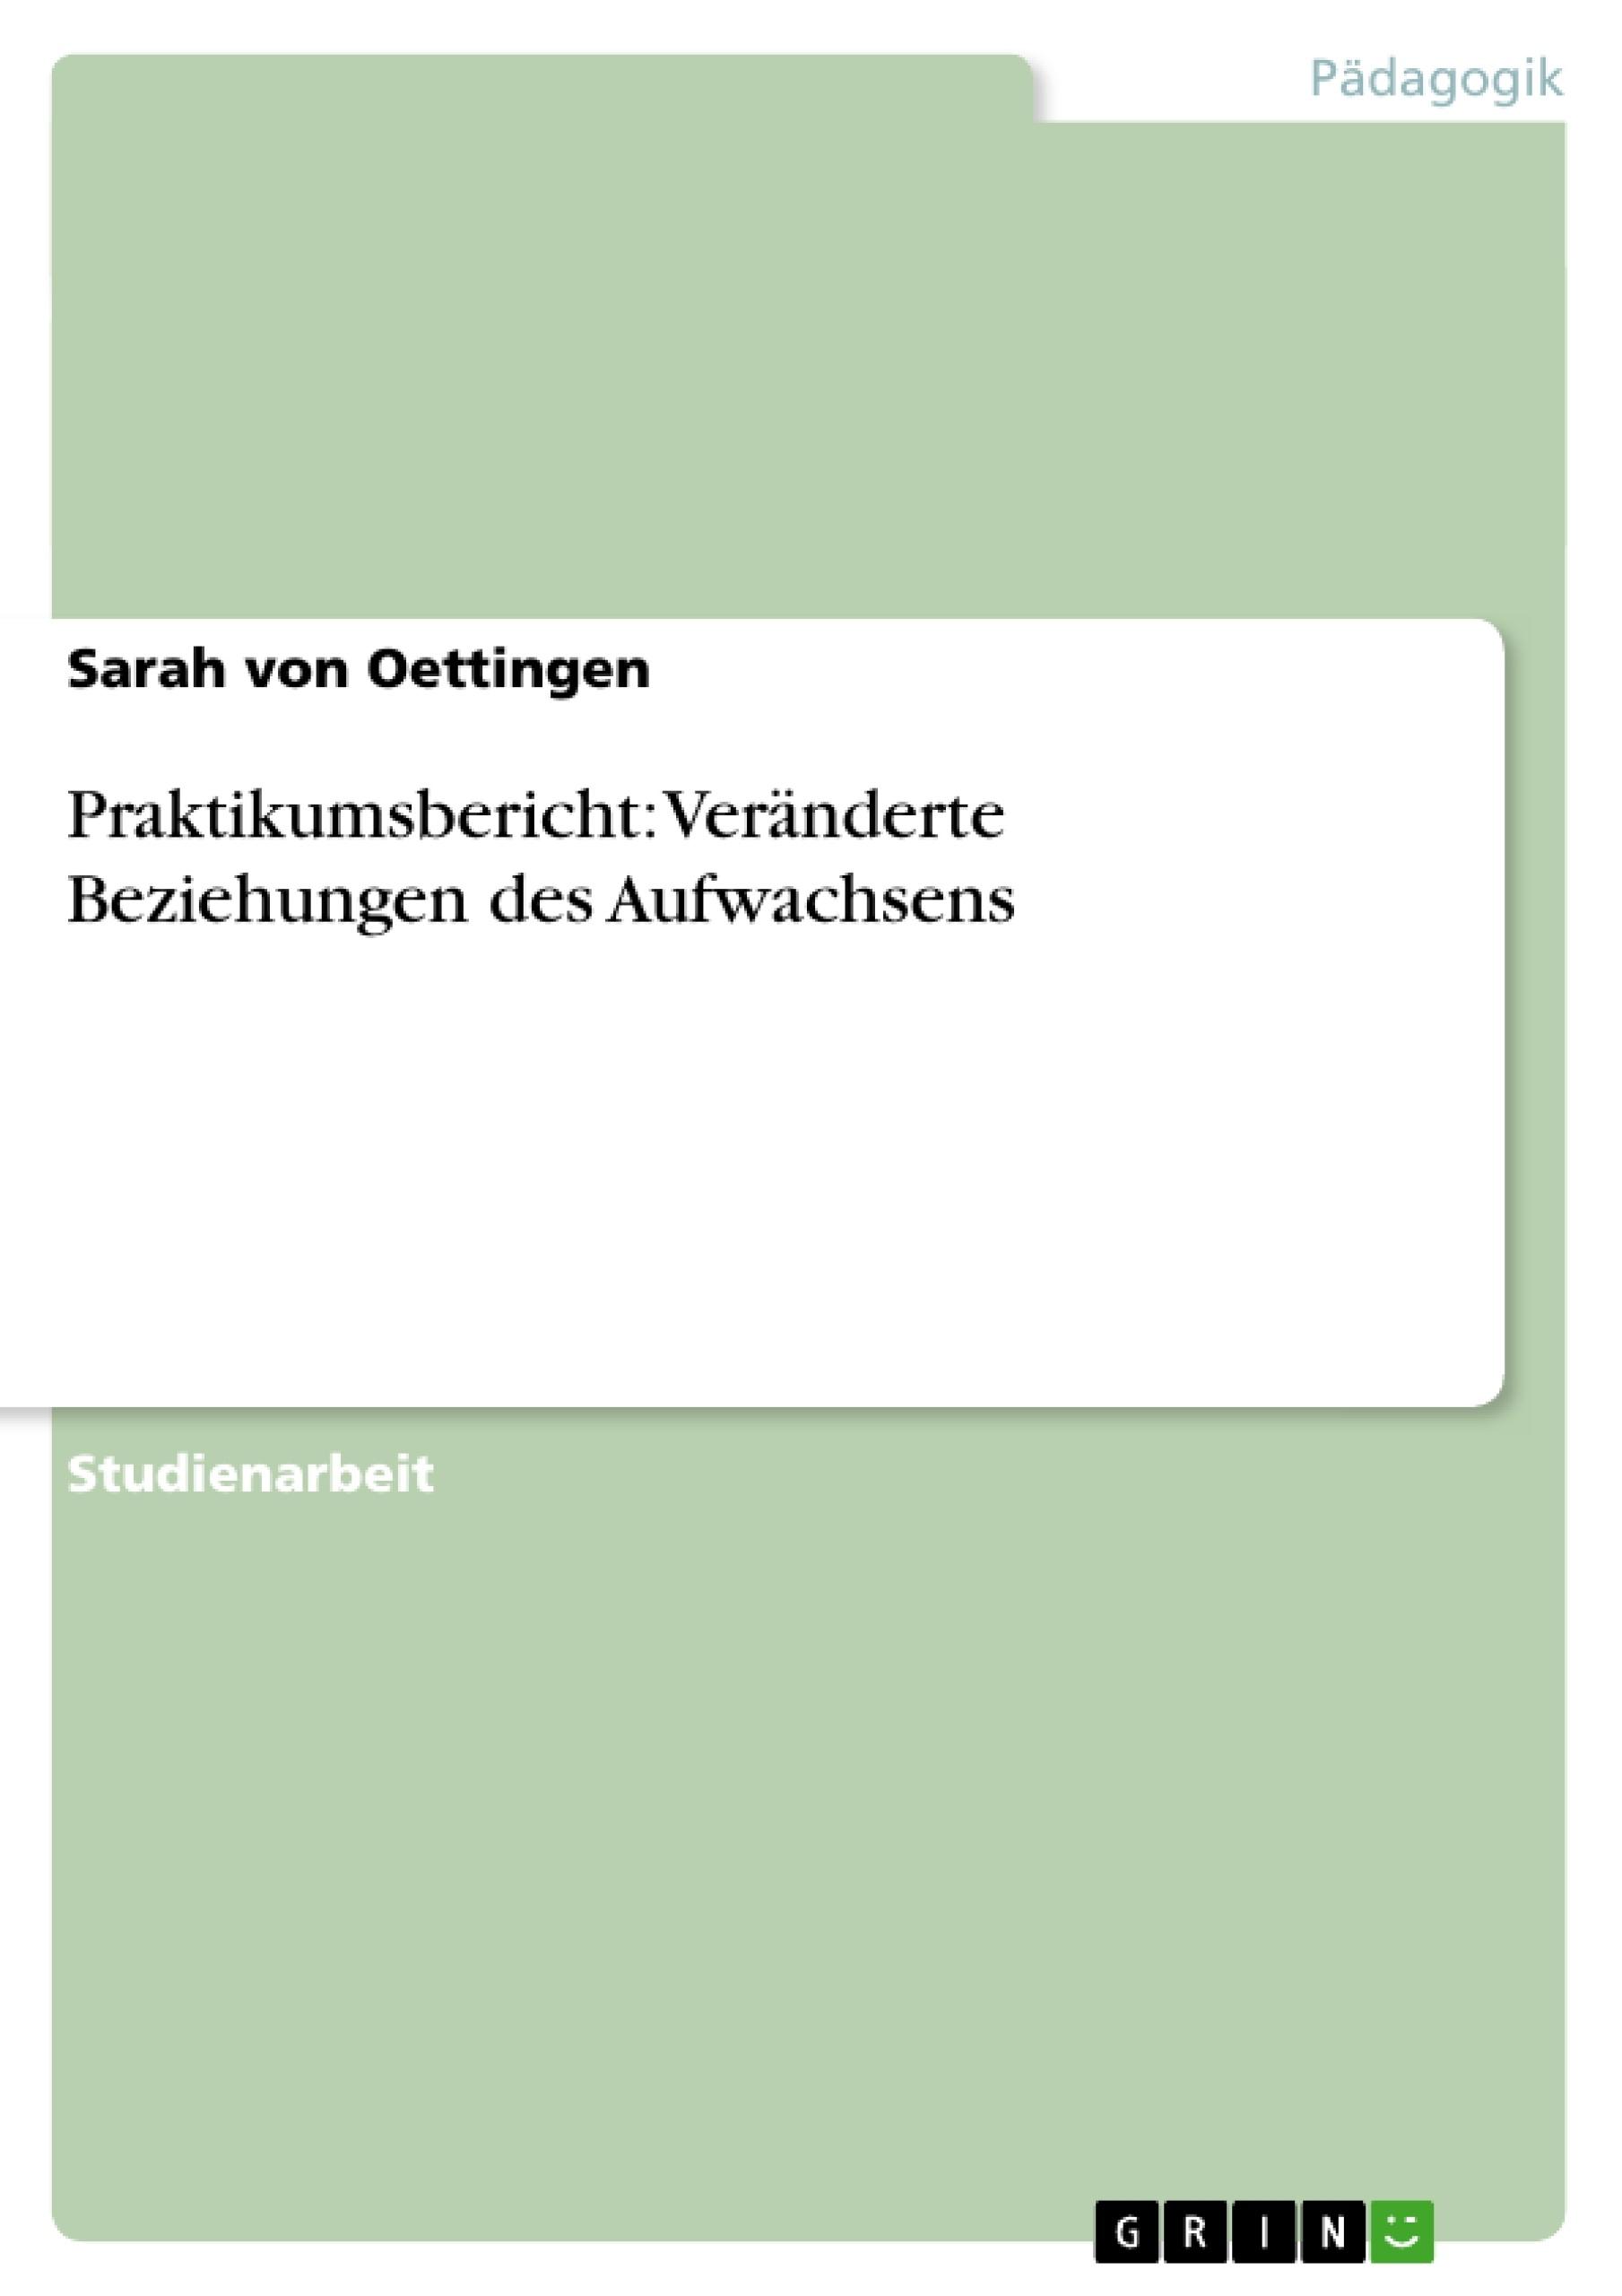 Titel: Praktikumsbericht: Veränderte Beziehungen des Aufwachsens